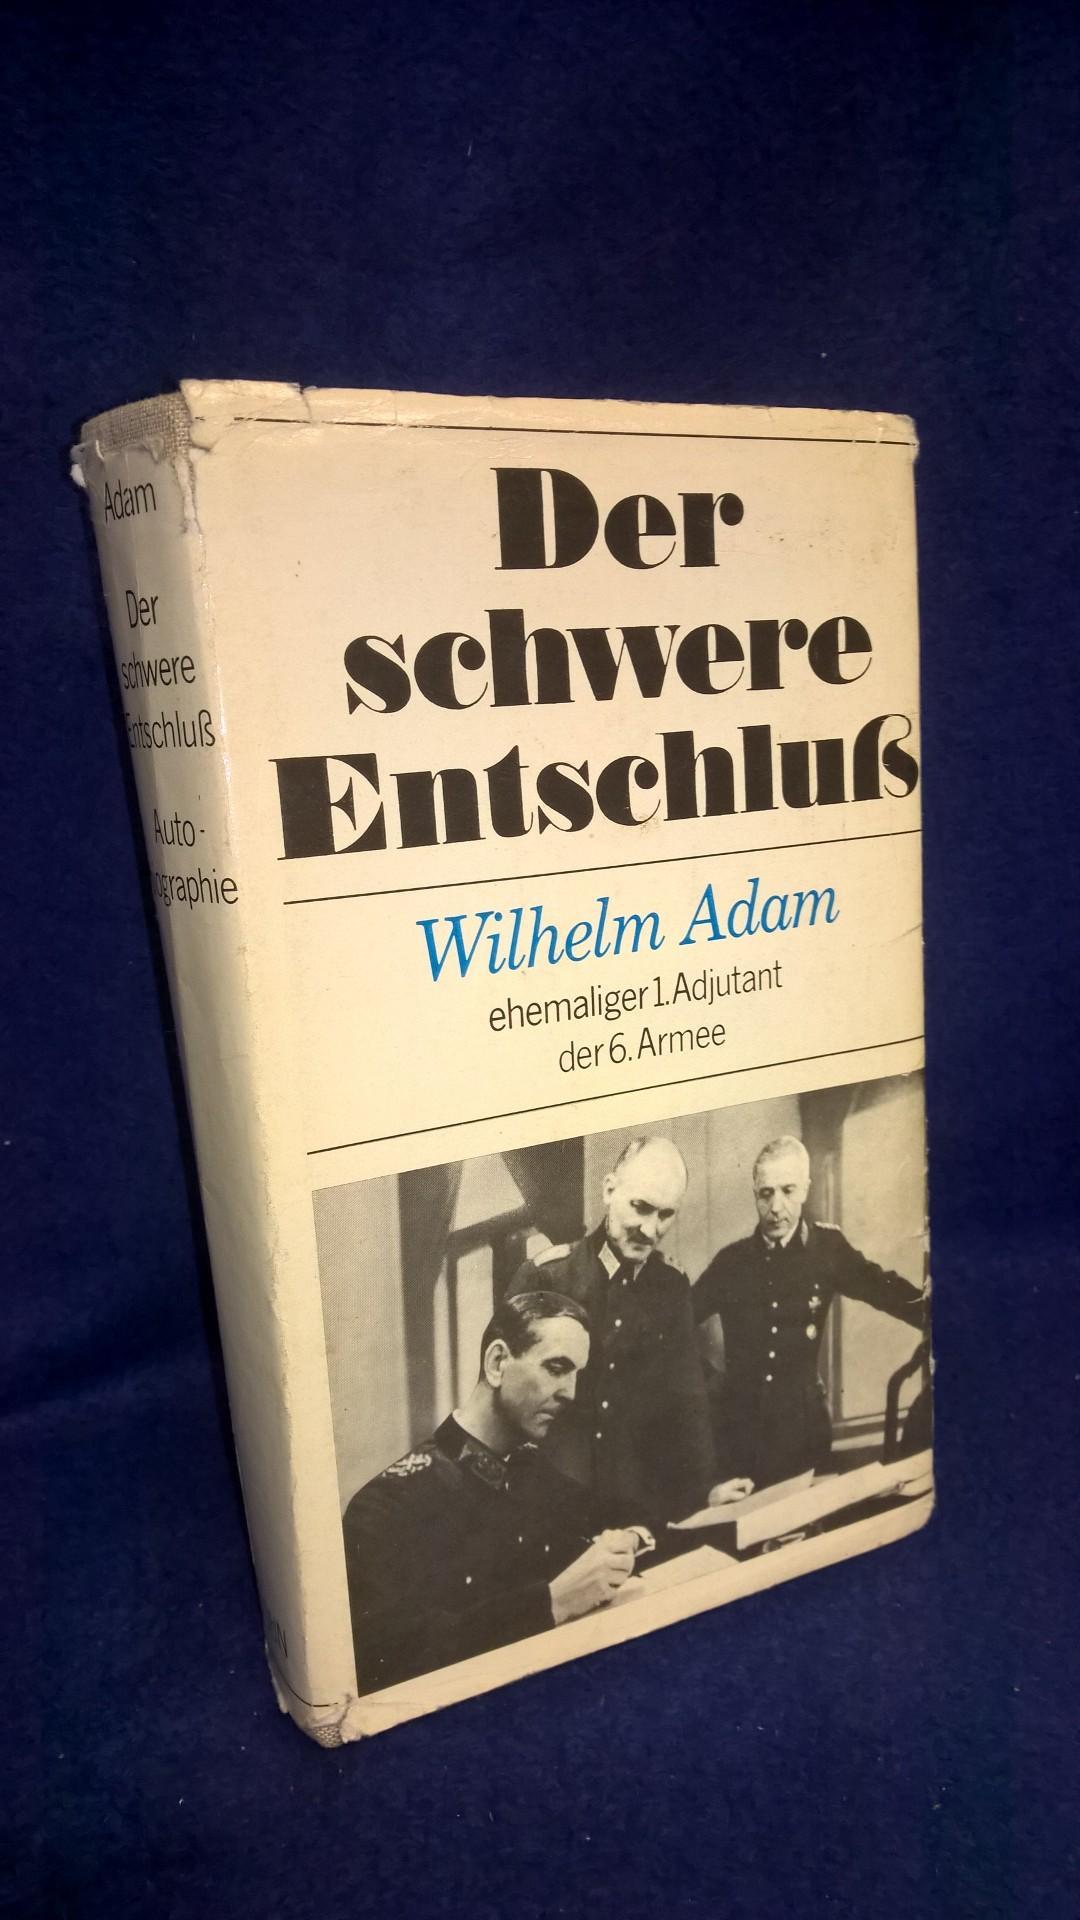 Der schwere Entschluß - Wilhelm Adam, ehemaliger 1. Adjutant der 6. Armee in Stalingrad.